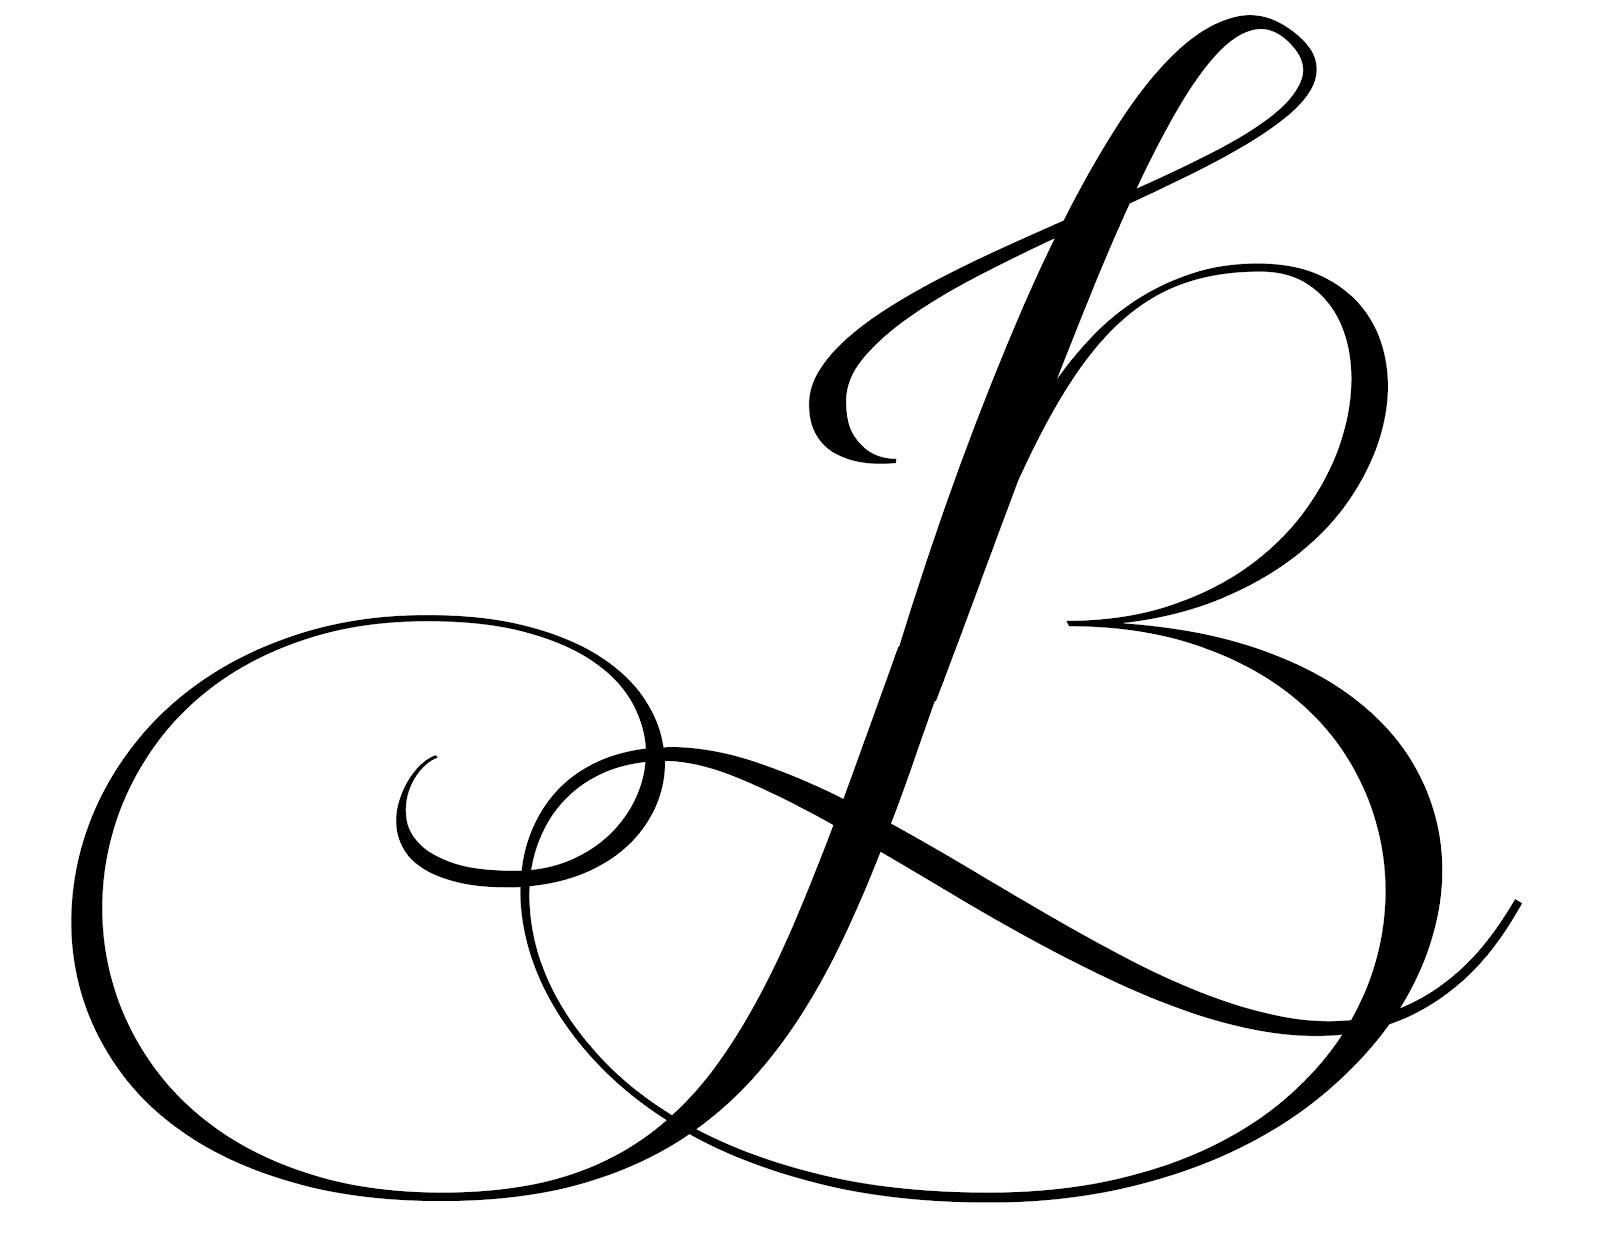 Fancy Letter B Designs